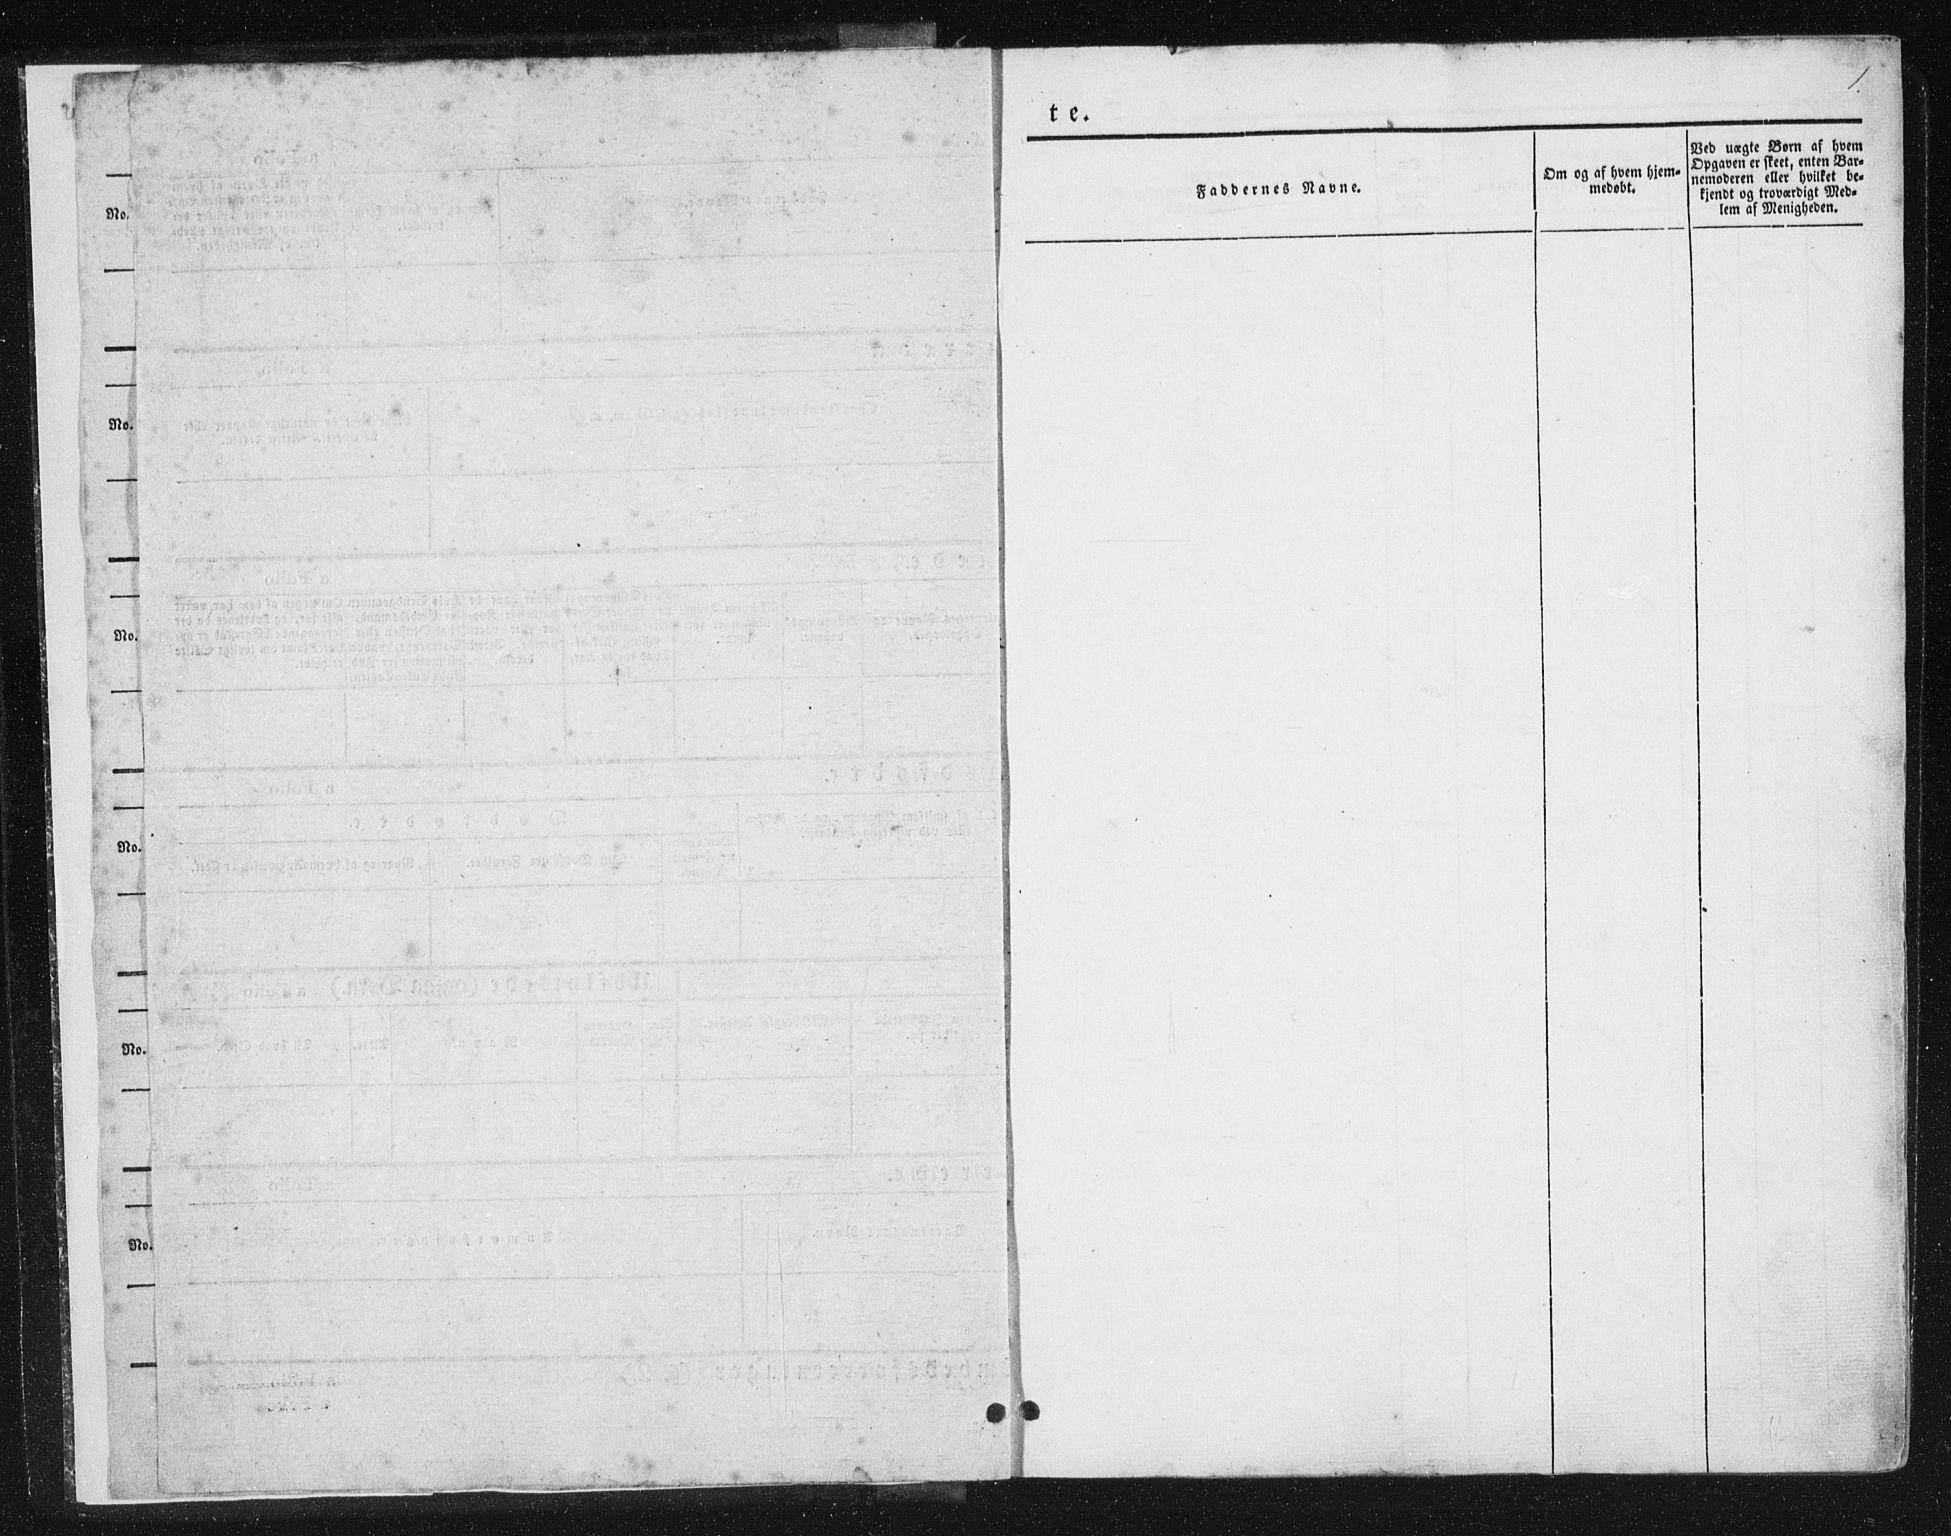 SAT, Ministerialprotokoller, klokkerbøker og fødselsregistre - Nord-Trøndelag, 780/L0640: Ministerialbok nr. 780A05, 1845-1856, s. 1